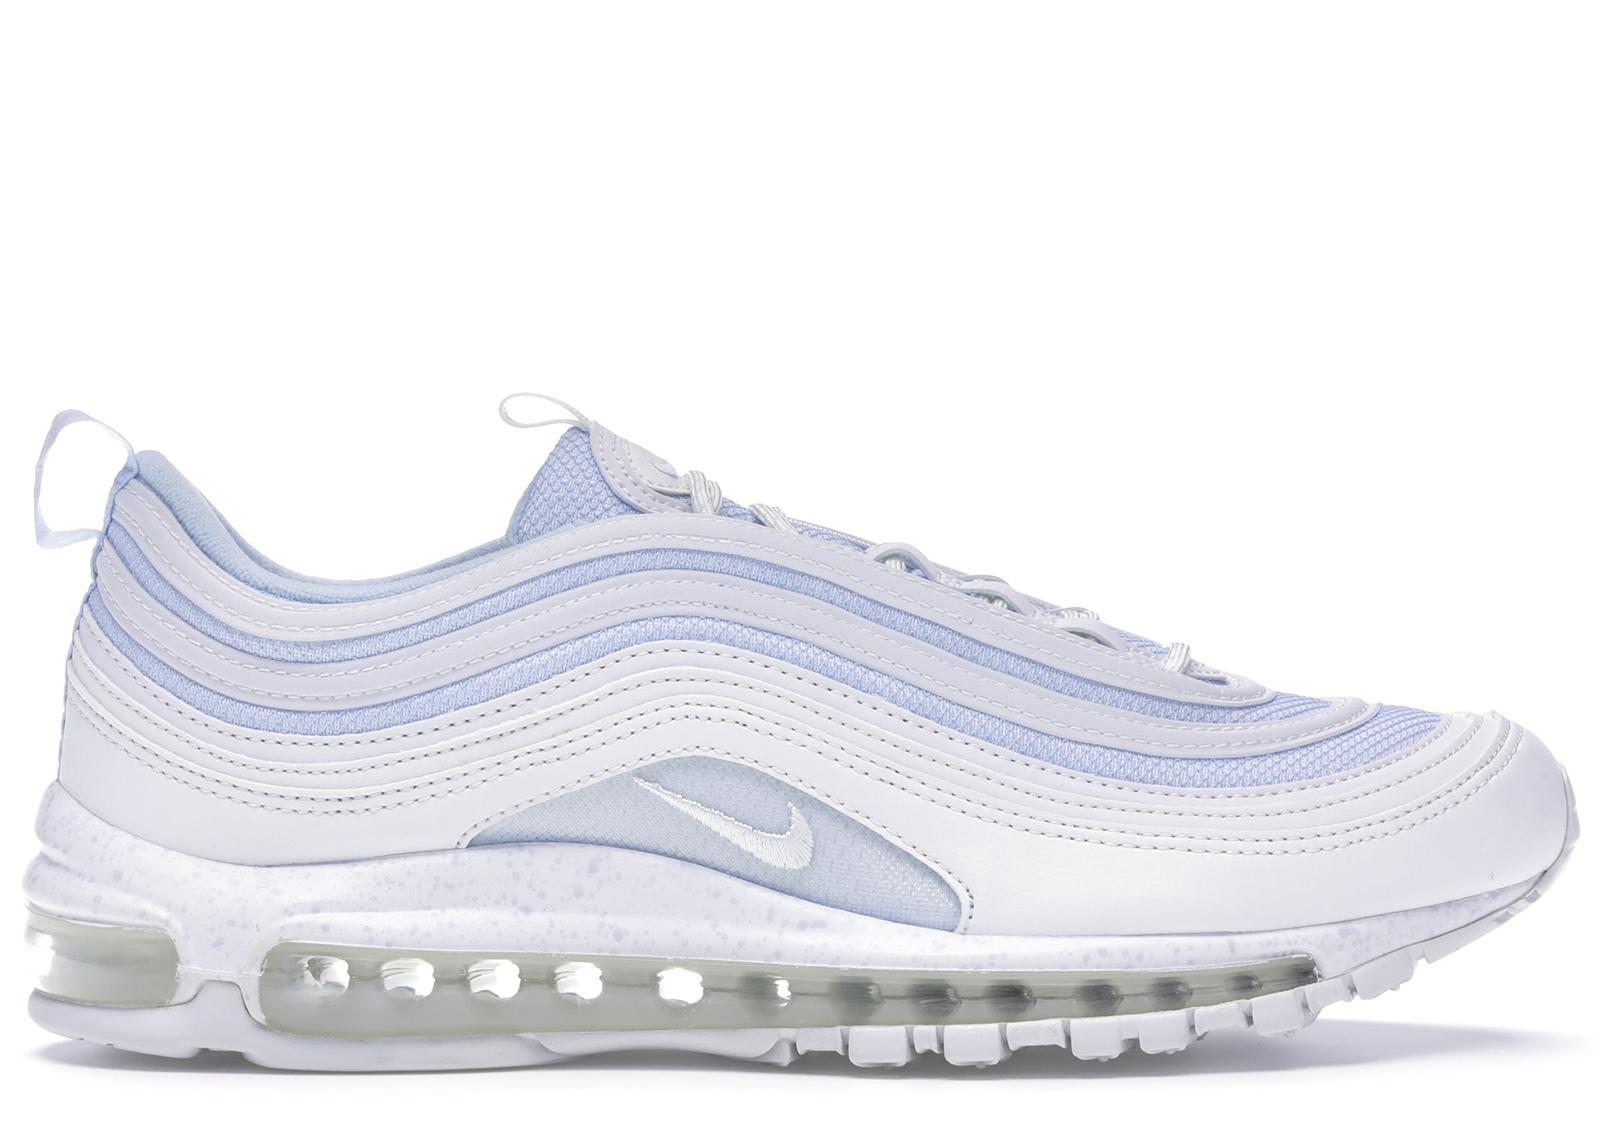 Nike Air Max 97 Light Blue - 921826-104